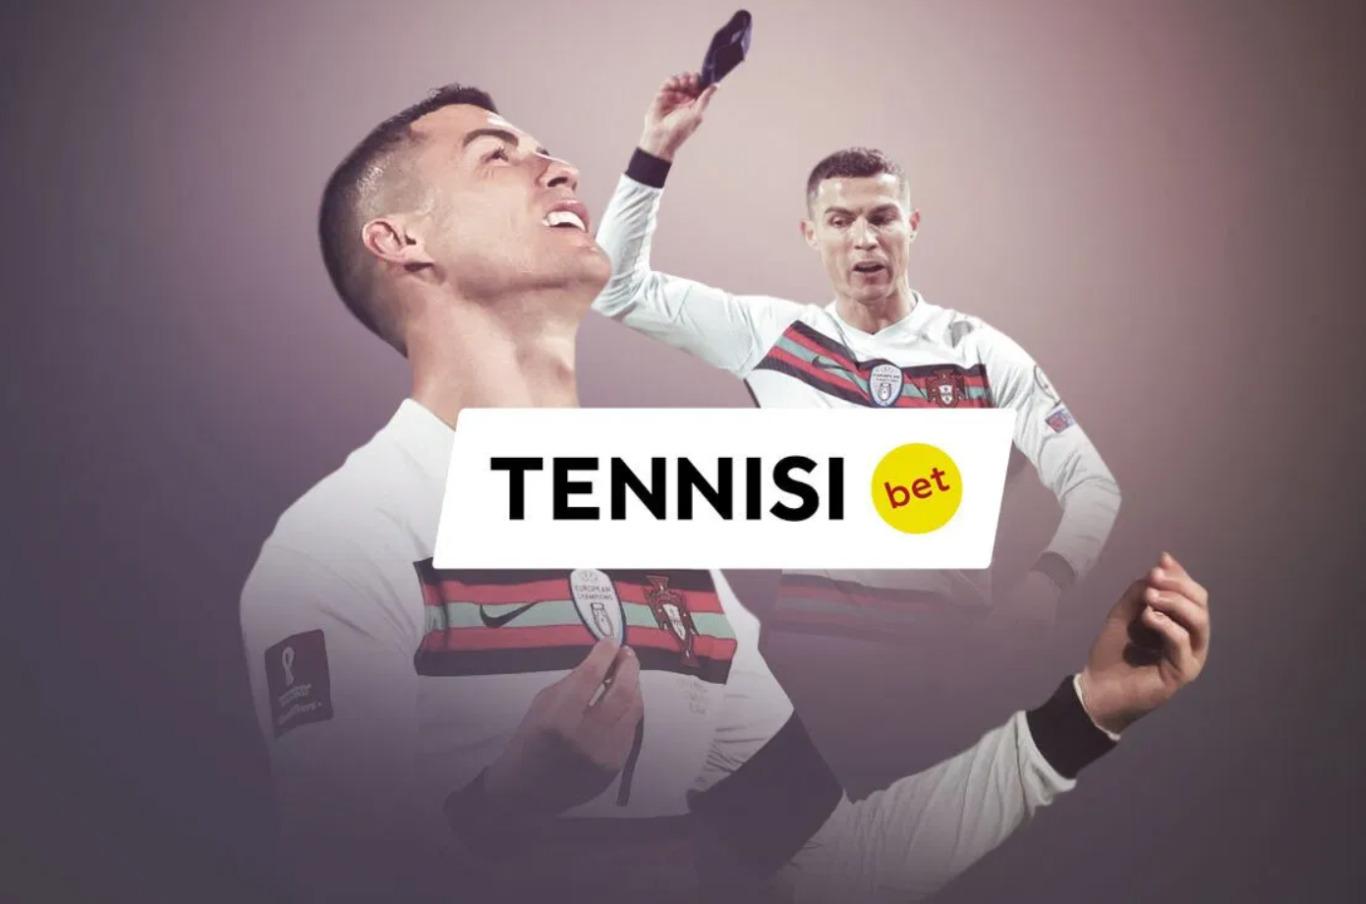 БК Tennisi скачать